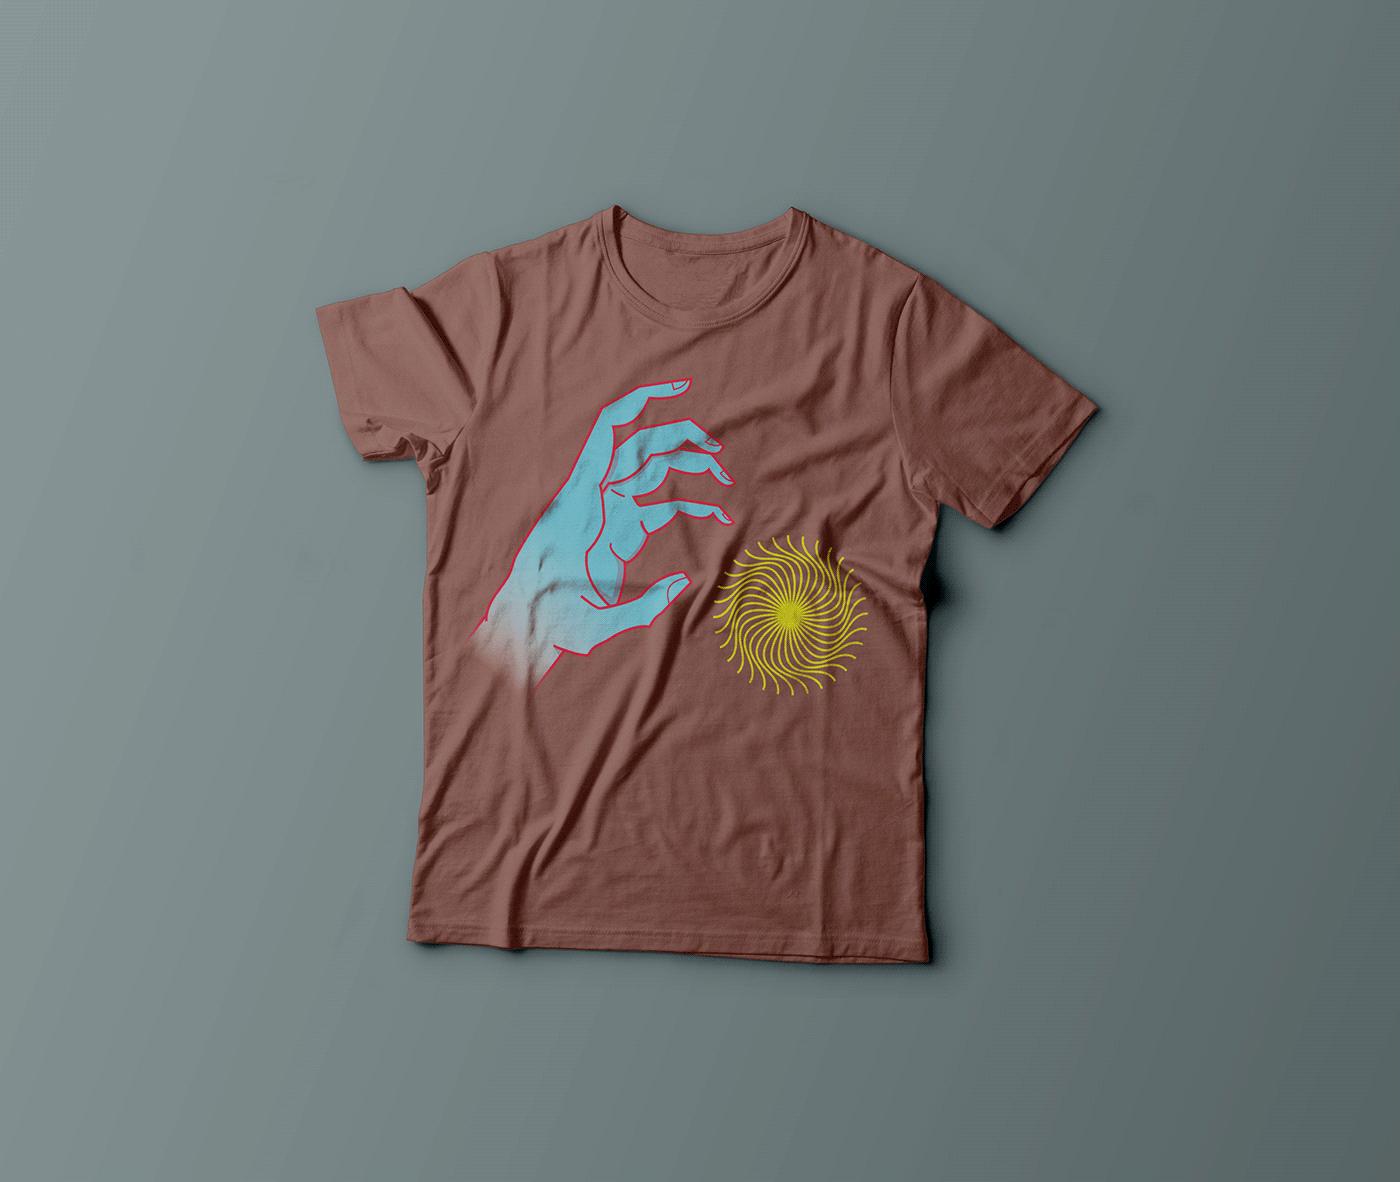 Image may contain: active shirt, wall and sleeve